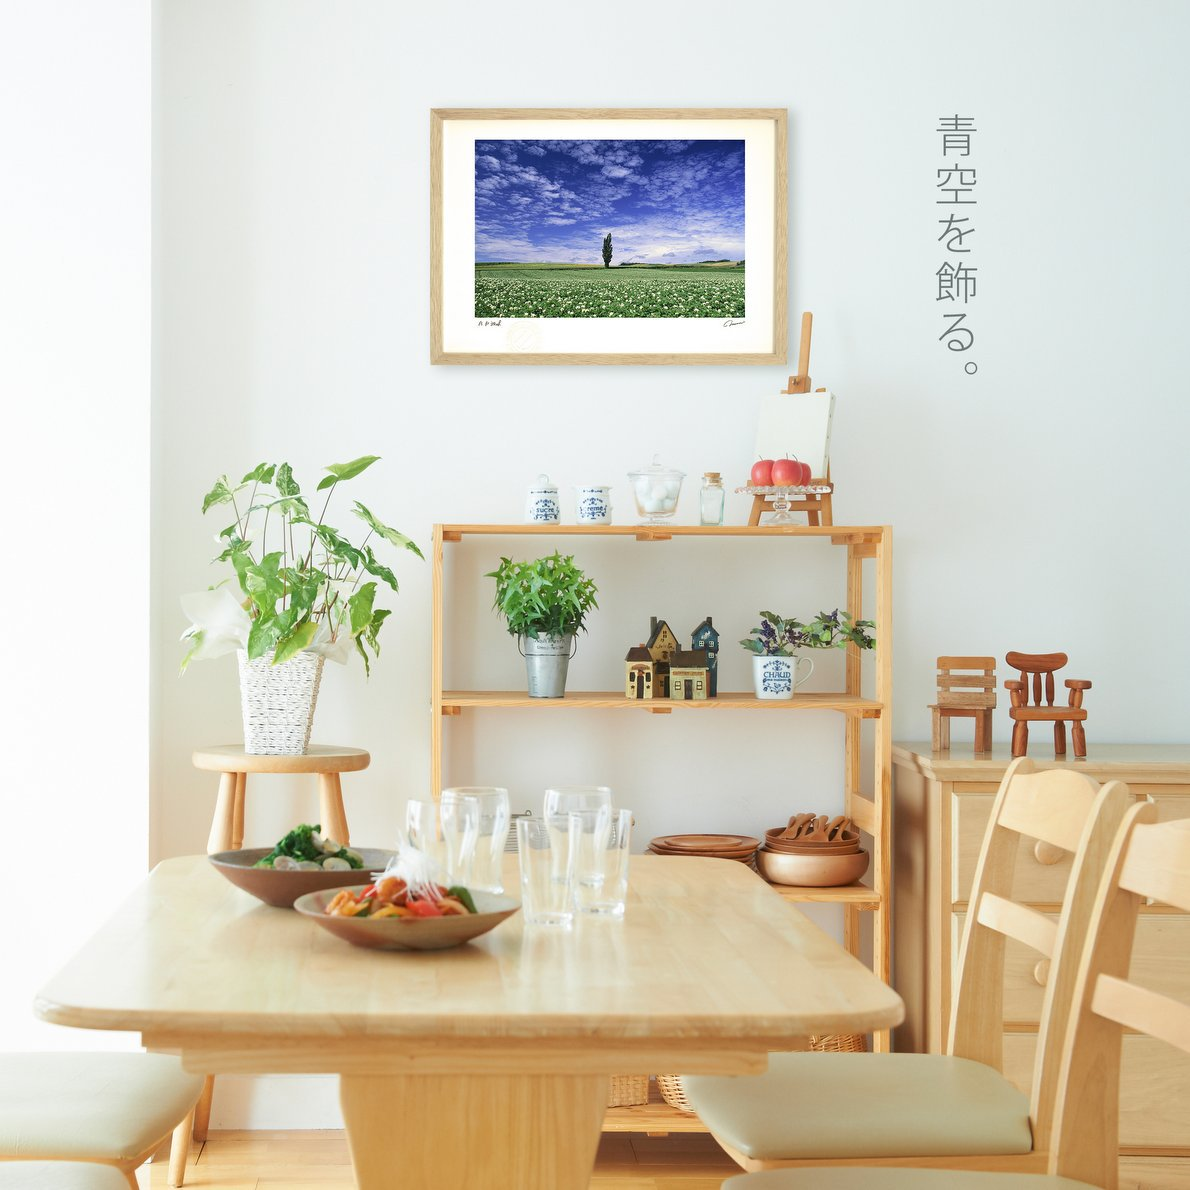 《アートフォト》日の出と桜/上富良野町〔富良野・高橋真澄〕(レンタル対象)